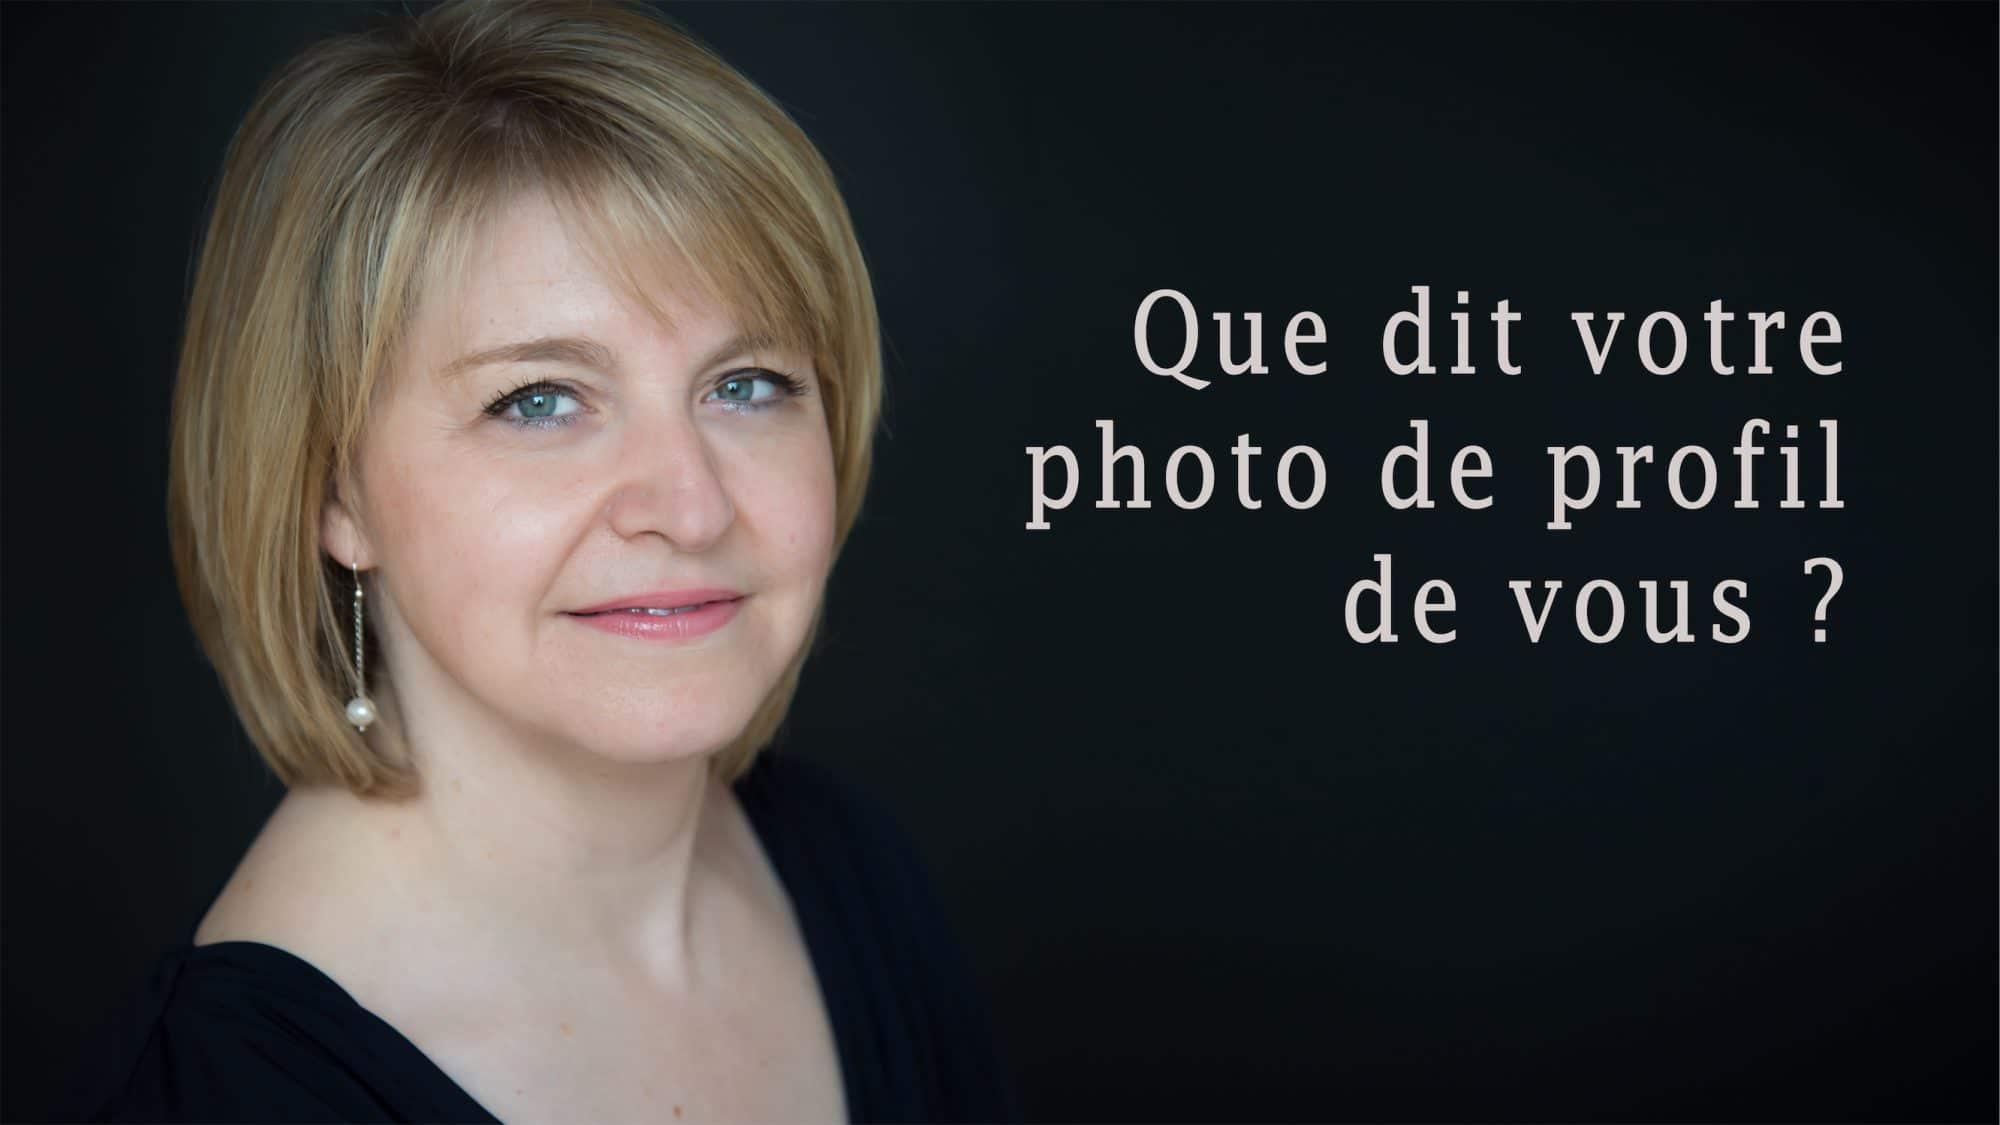 Photo de profil, Halle, Hal, Portait Pro